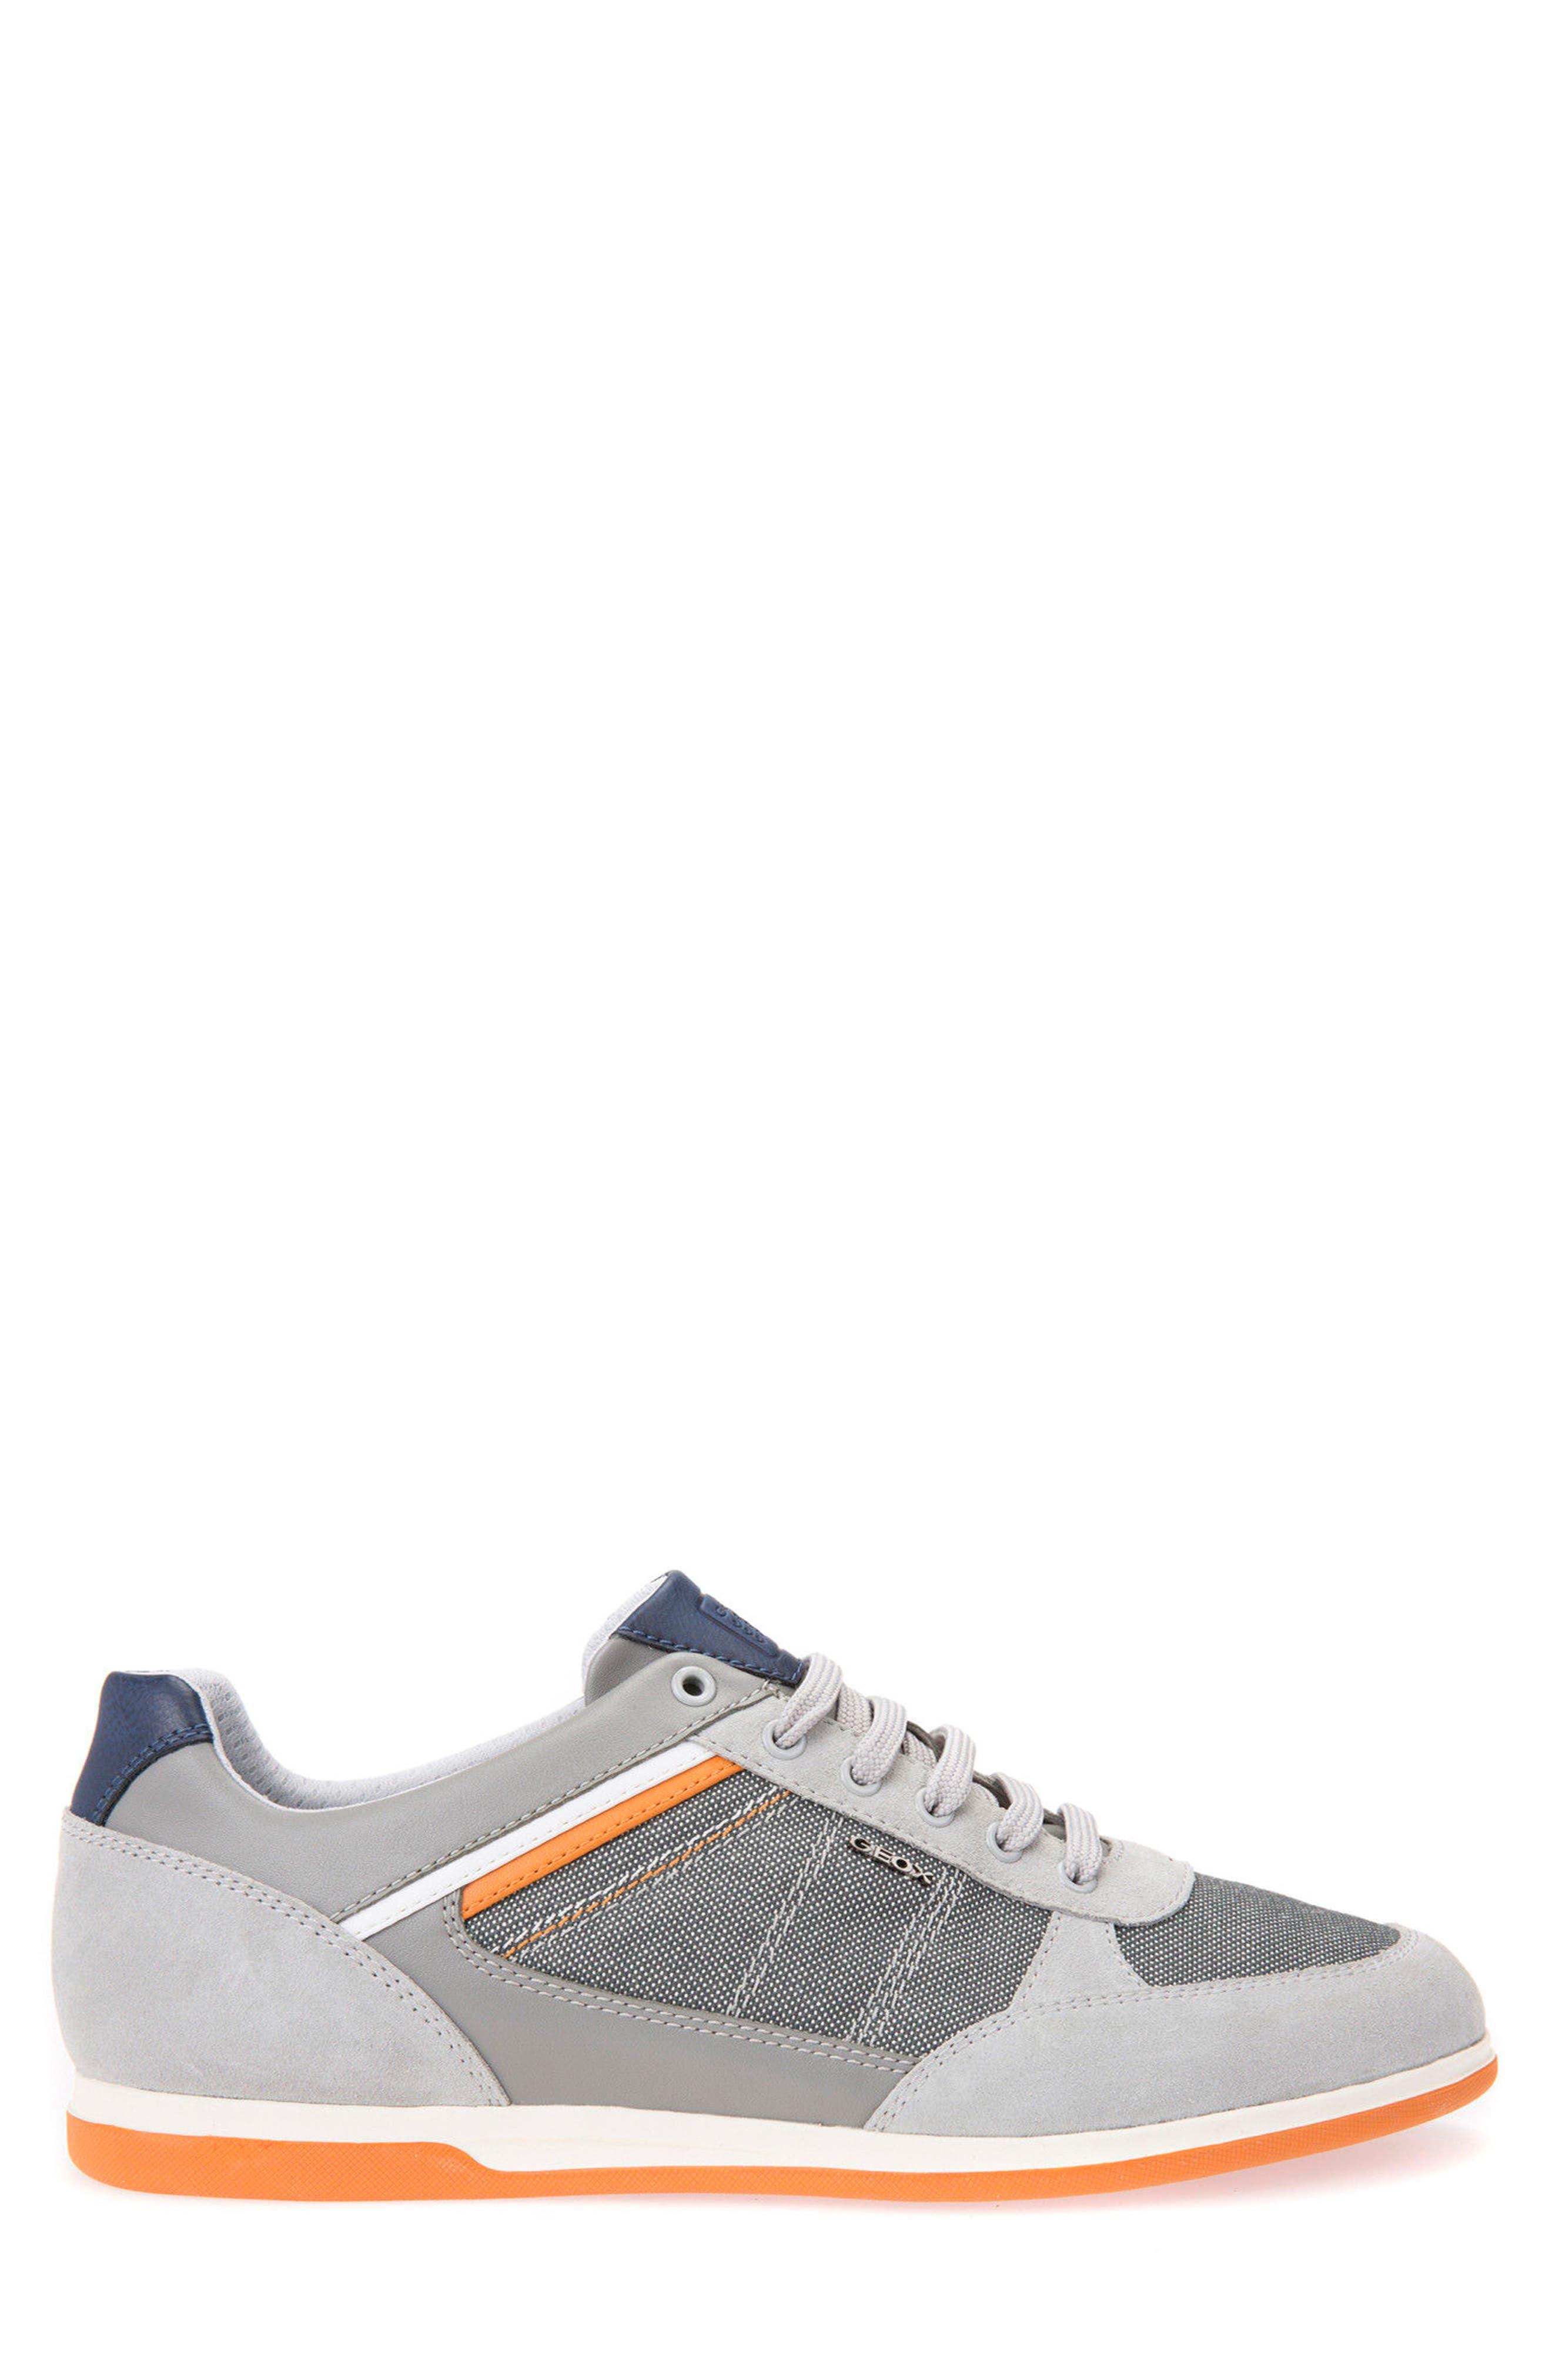 Renan 1 Low Top Sneaker,                             Alternate thumbnail 3, color,                             030